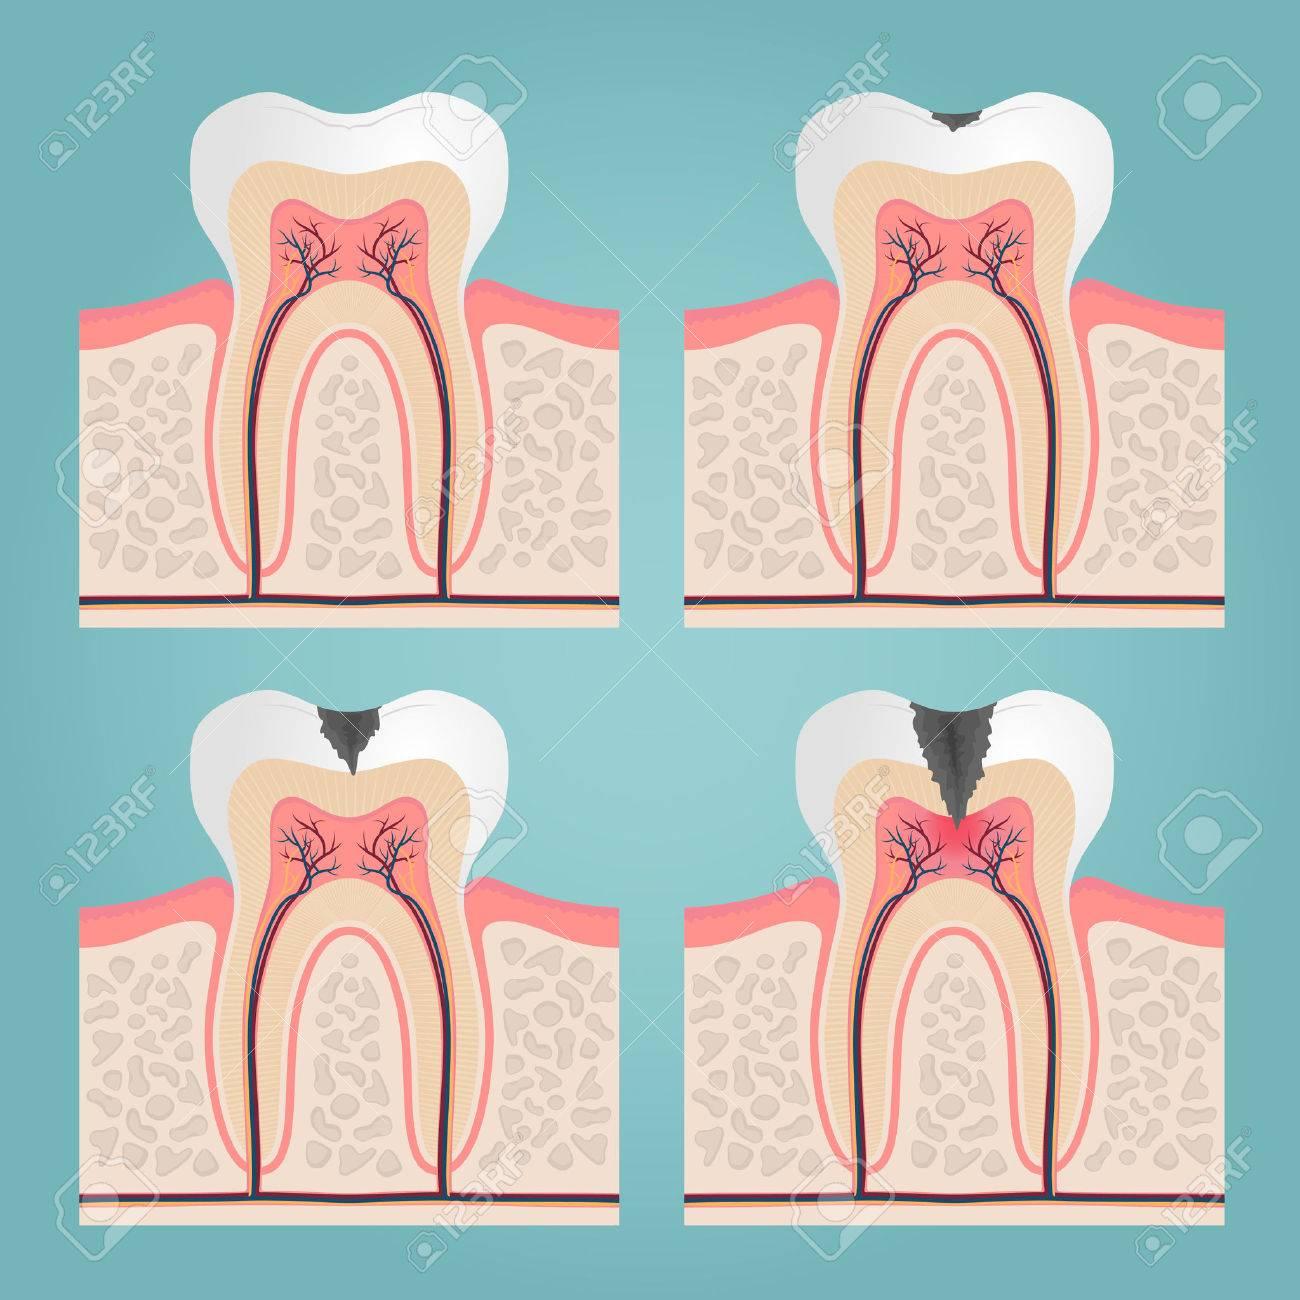 Zahnanatomie Und Schäden, Schneiden Zähne In Der Zahnfleisch Vektor ...